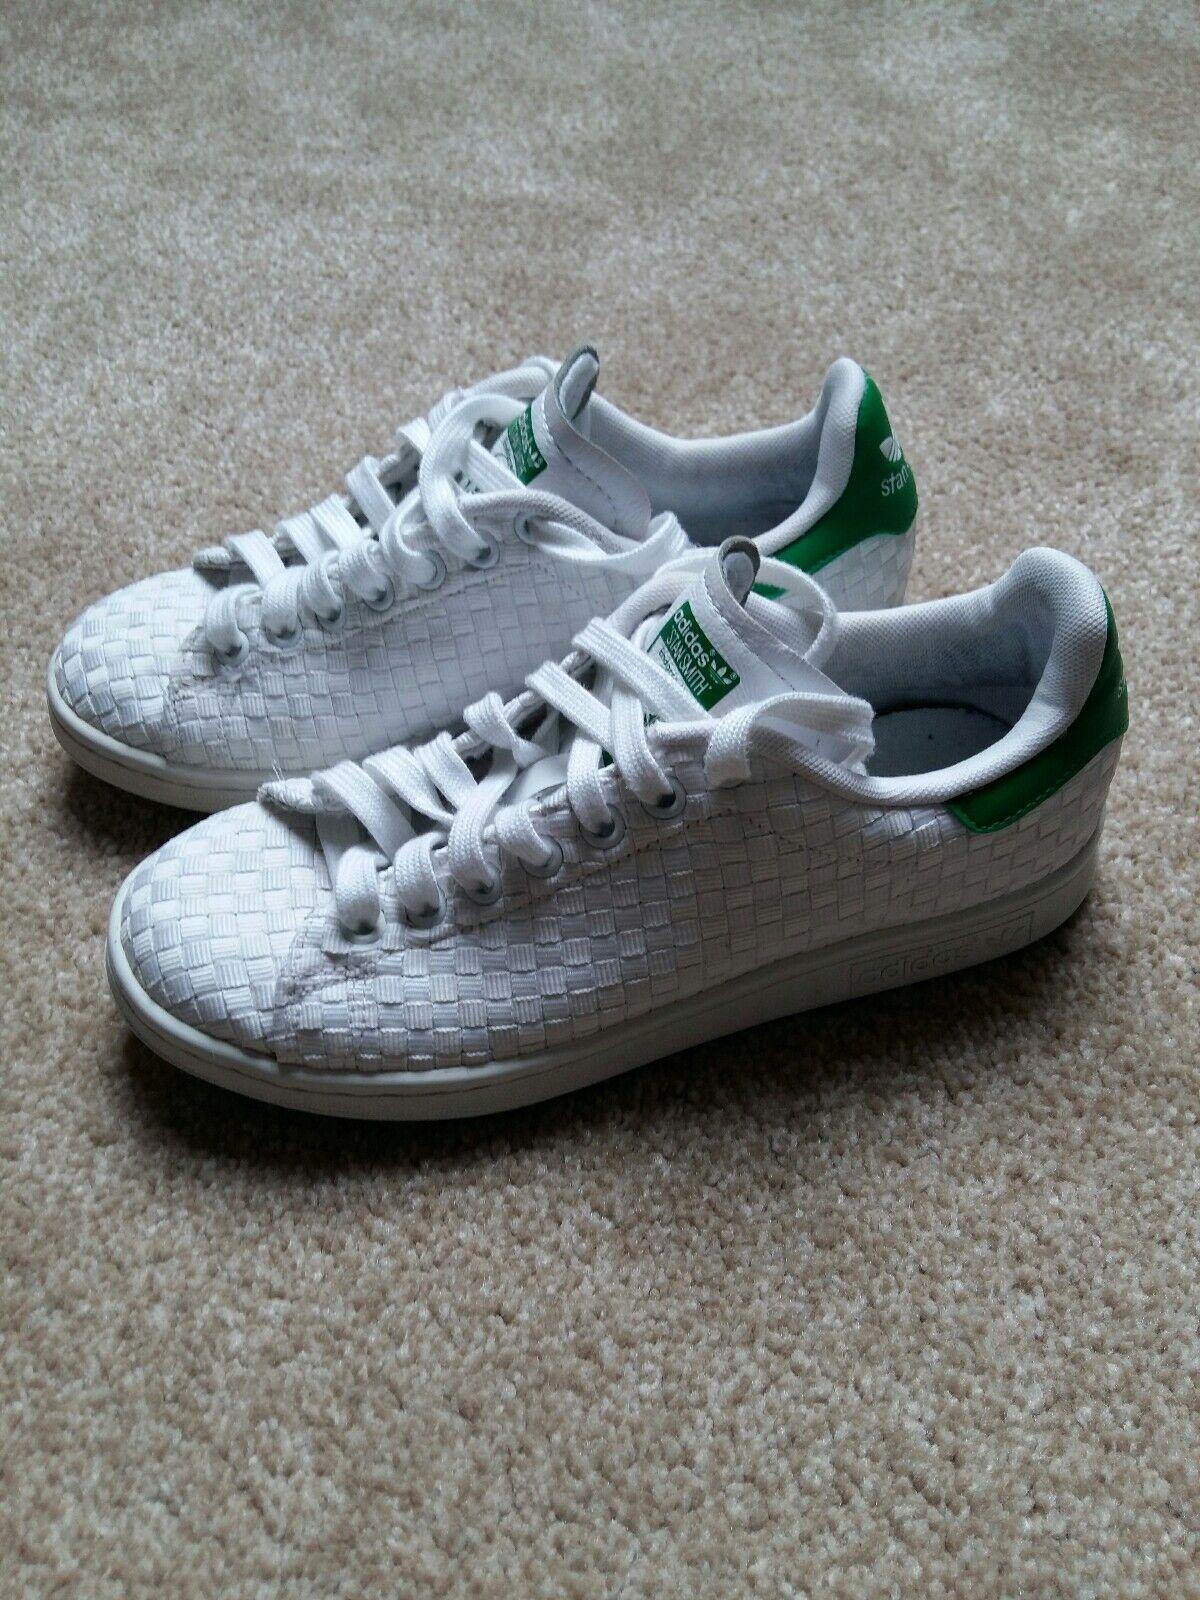 Adidas stan smith tessere bianco   verde verde verde signore formatori dimensioni uk5 rari | prezzo al minuto  | Maschio/Ragazze Scarpa  5094db